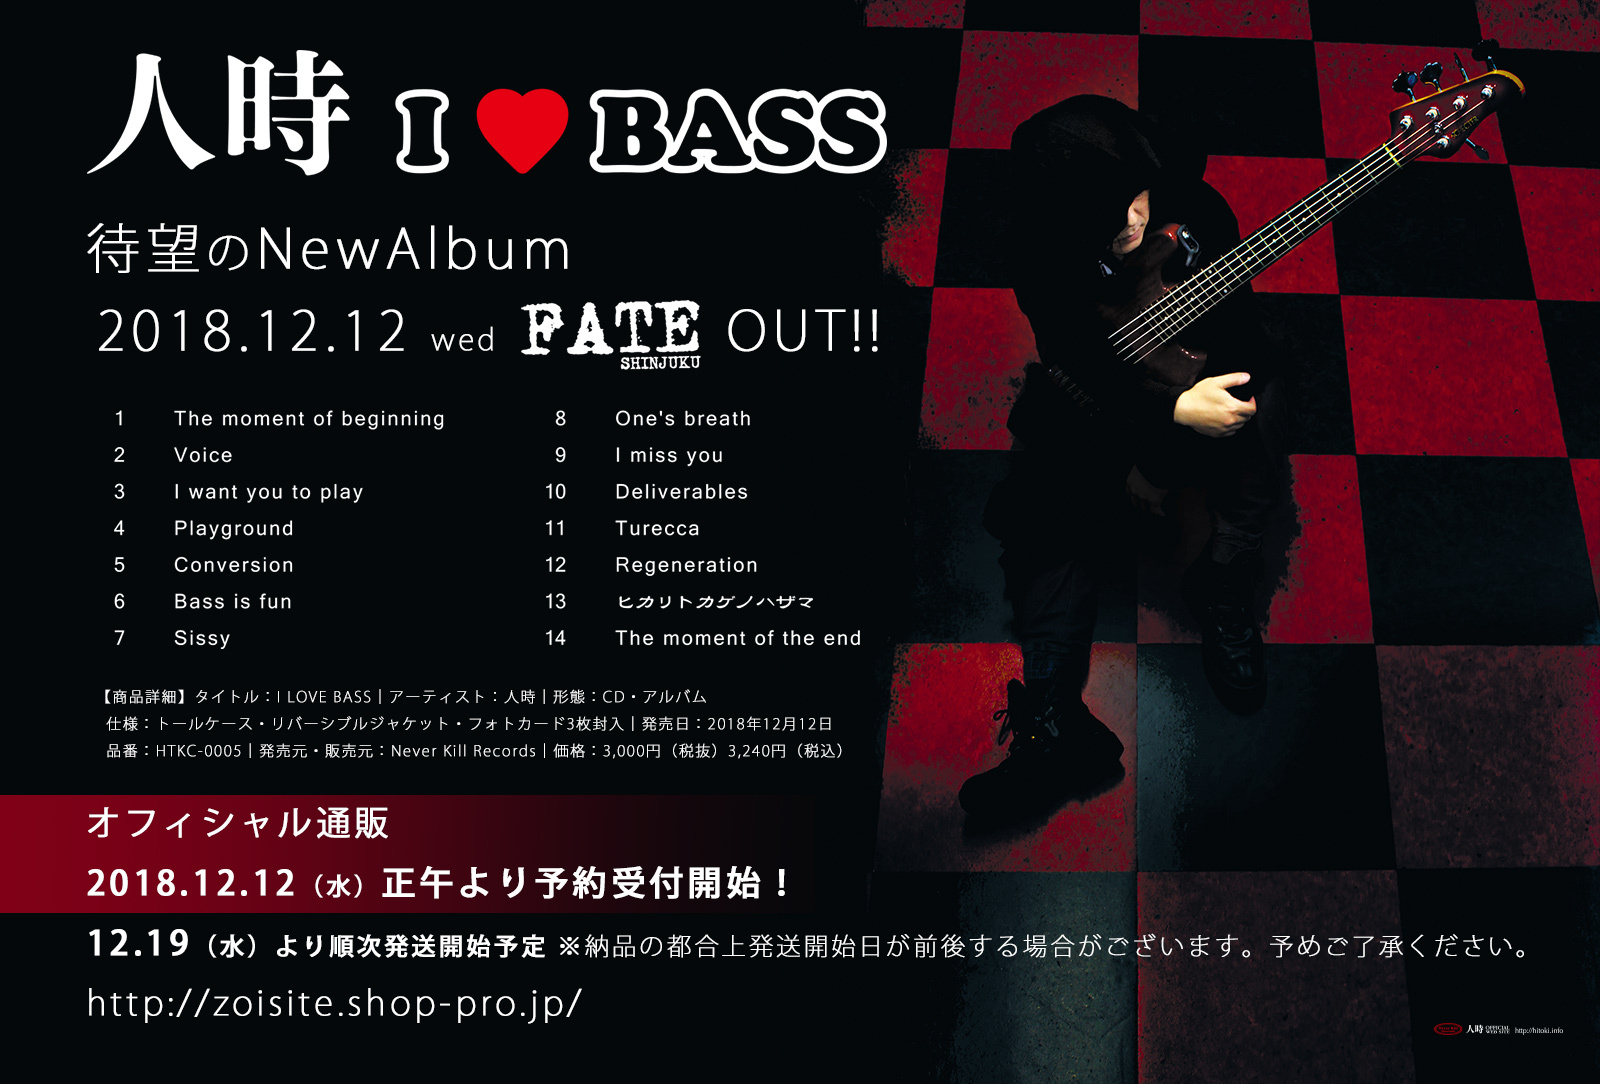 画像: hitoki webサイト